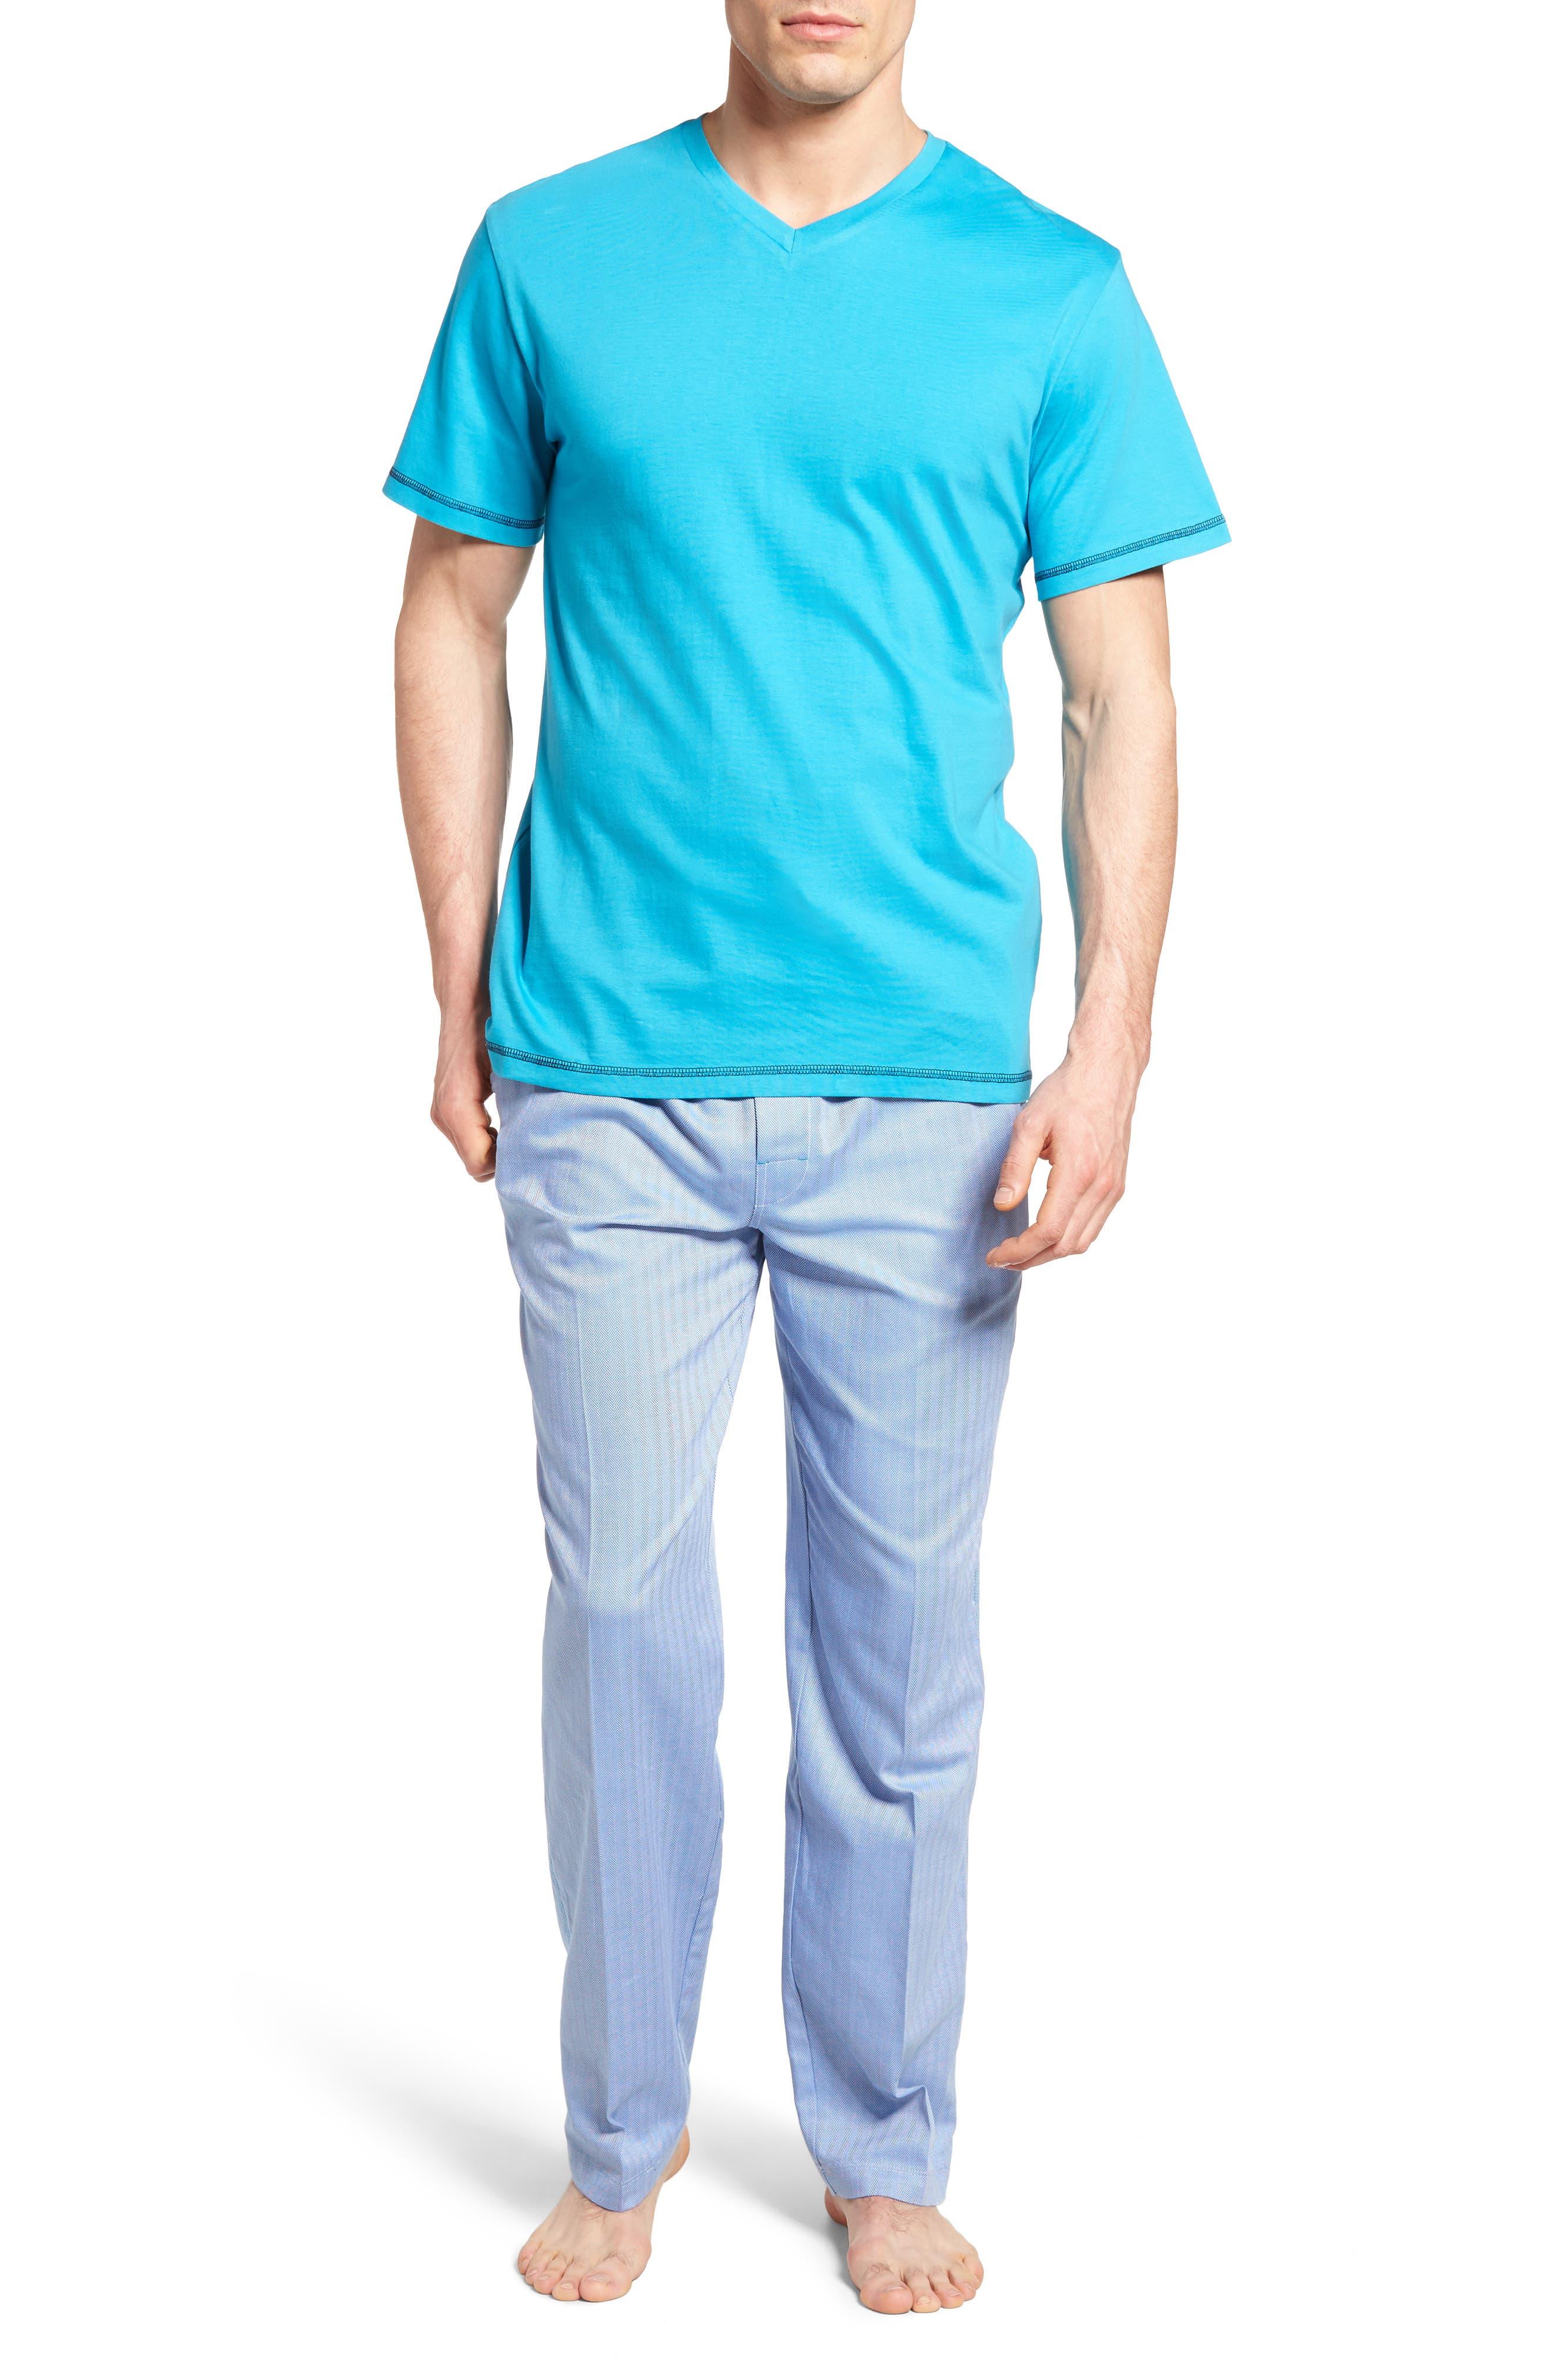 Fusion Pajama Set,                             Main thumbnail 1, color,                             439